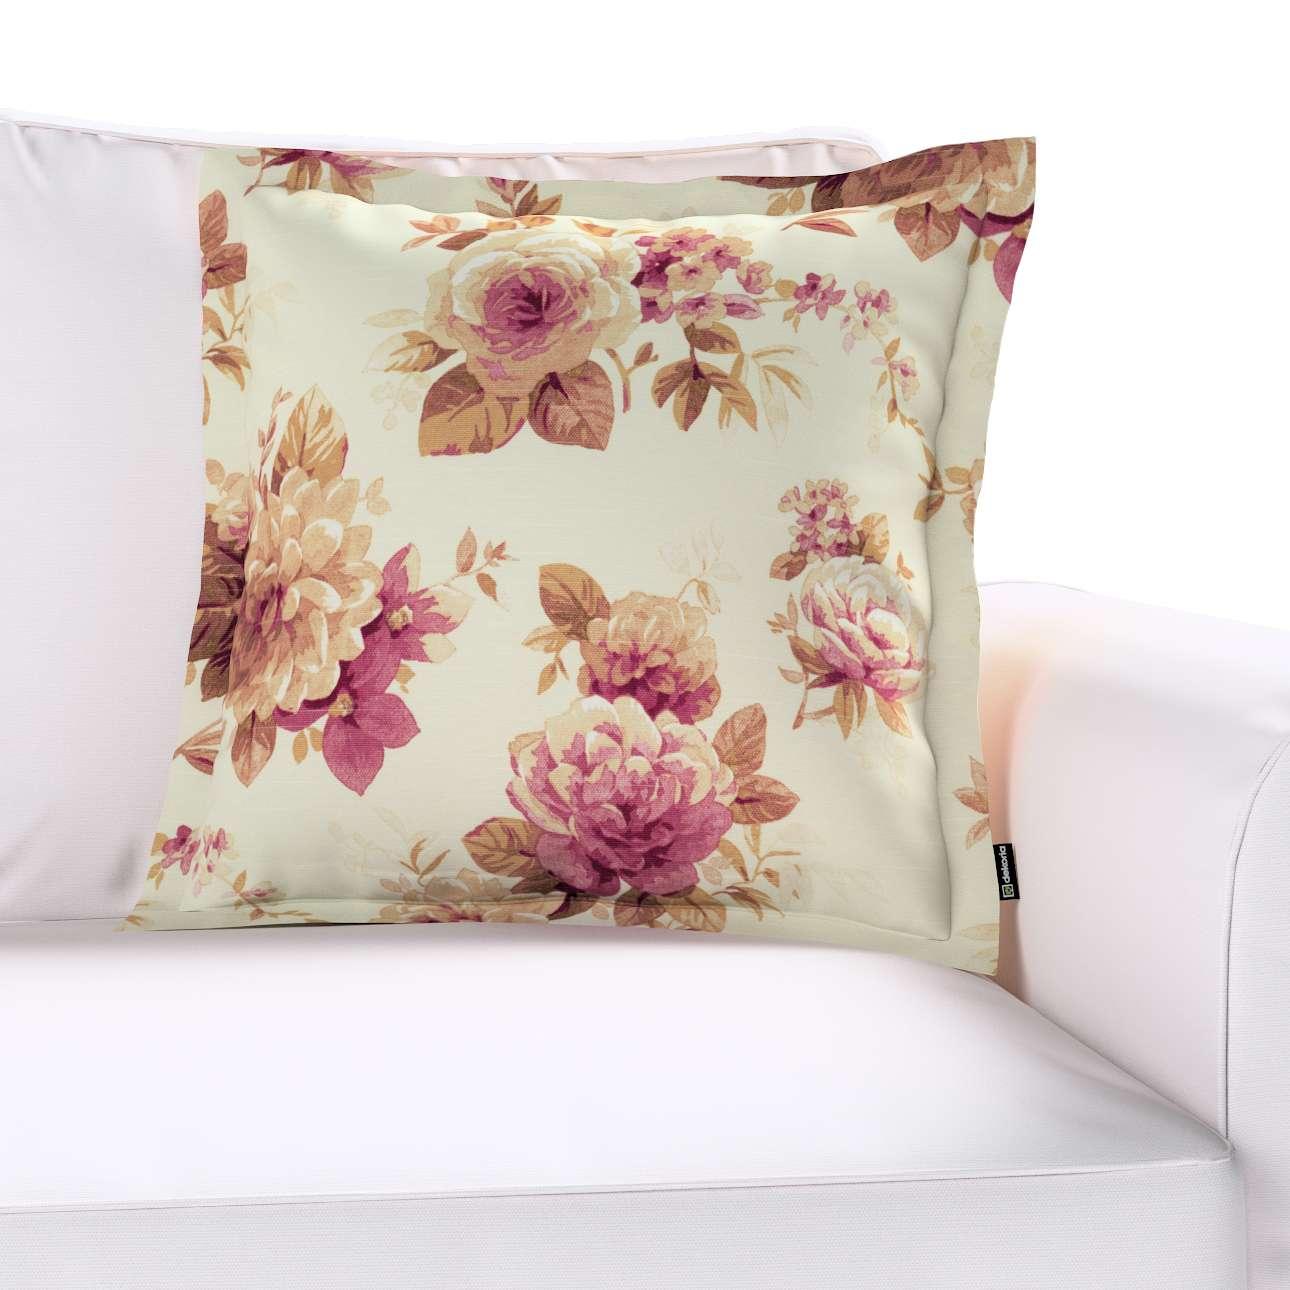 Poszewka Mona na poduszkę w kolekcji Mirella, tkanina: 141-06